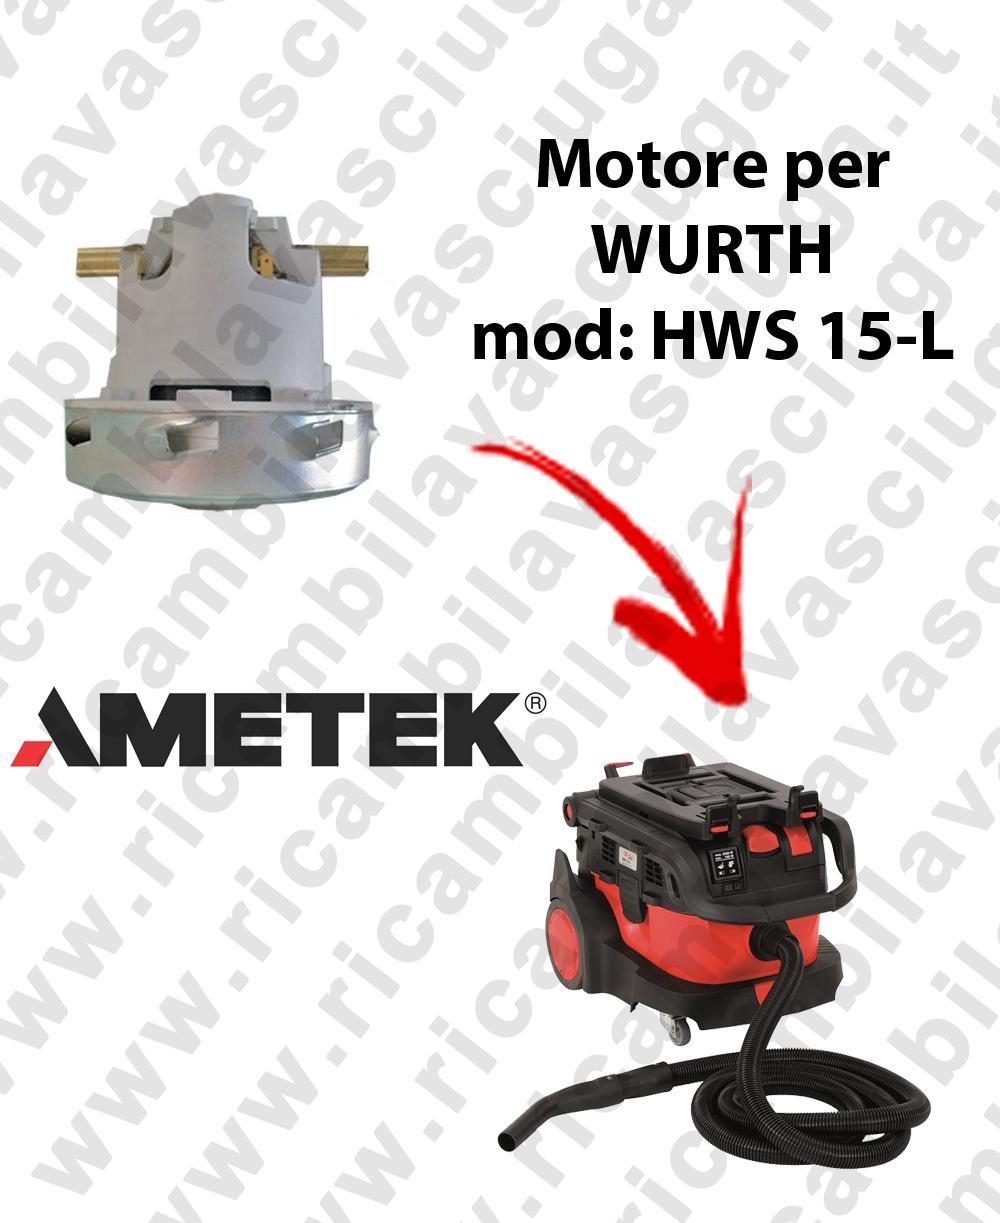 HWS 15-L automatic MOTORE aspirazione AMETEK per aspirapolvere WURTH